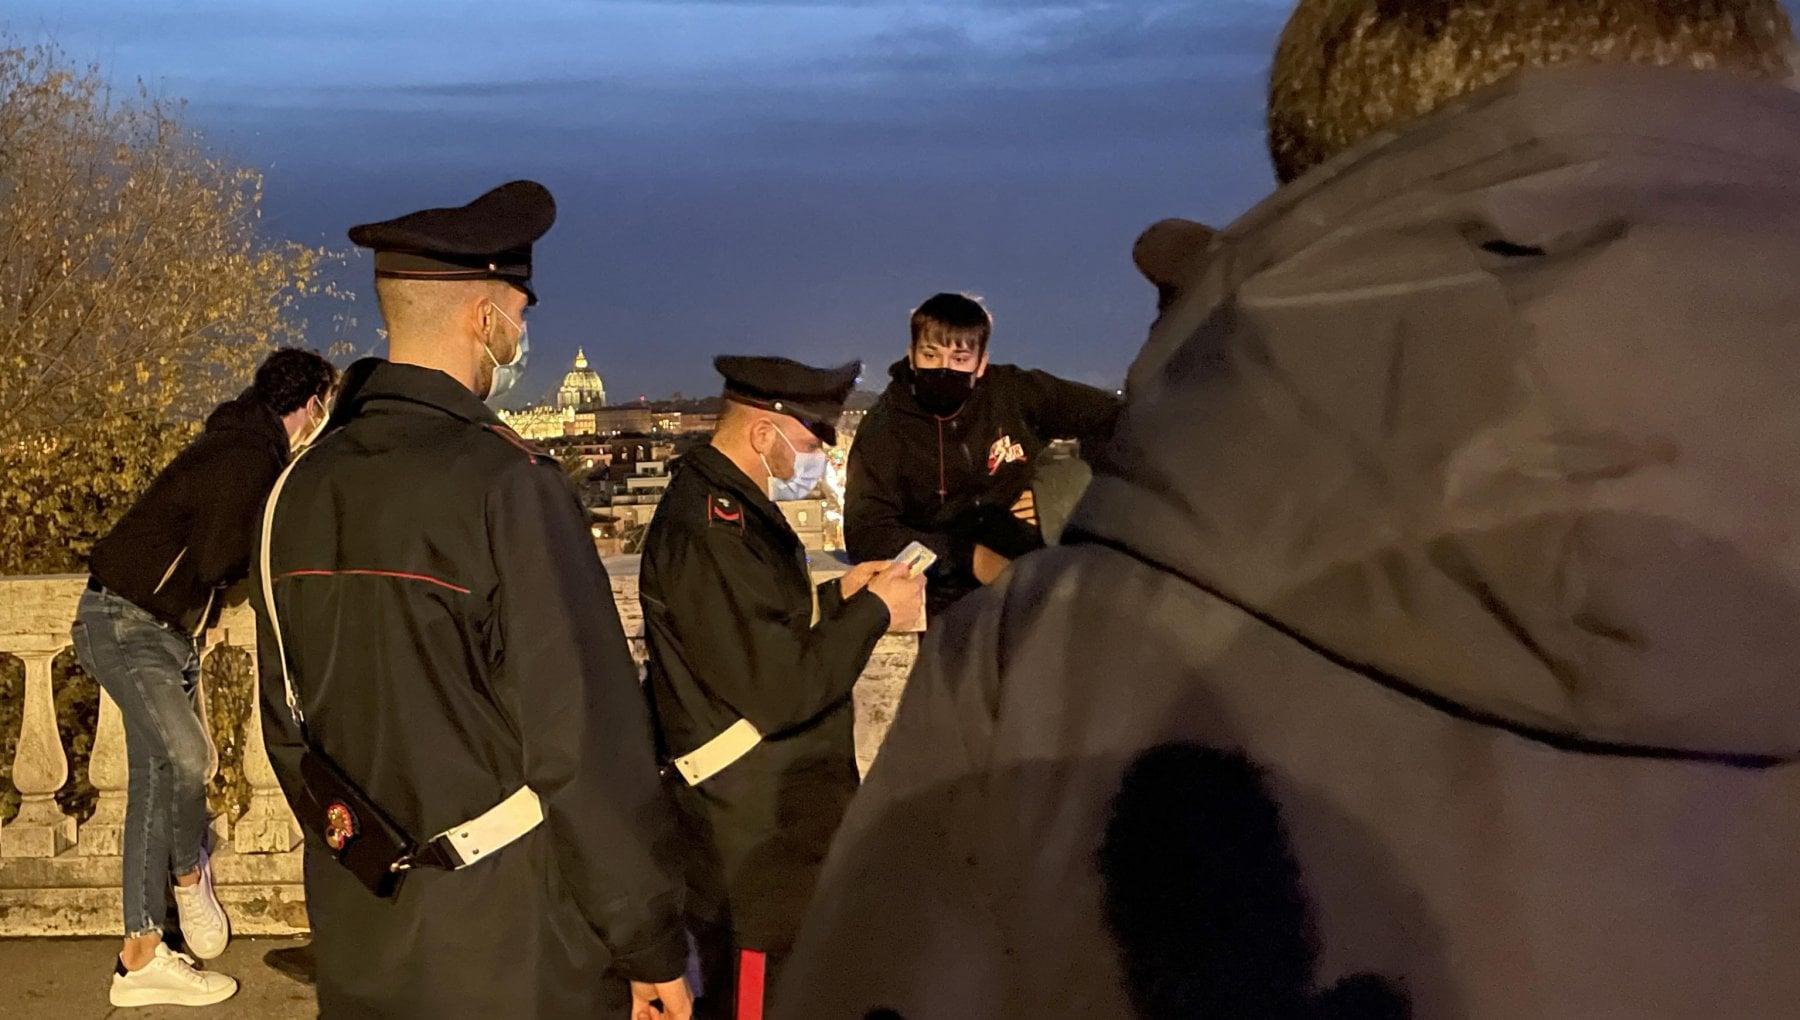 Ancora una maxi rissa nel centro di Roma fermati 10 minorenni a Villa Borghese